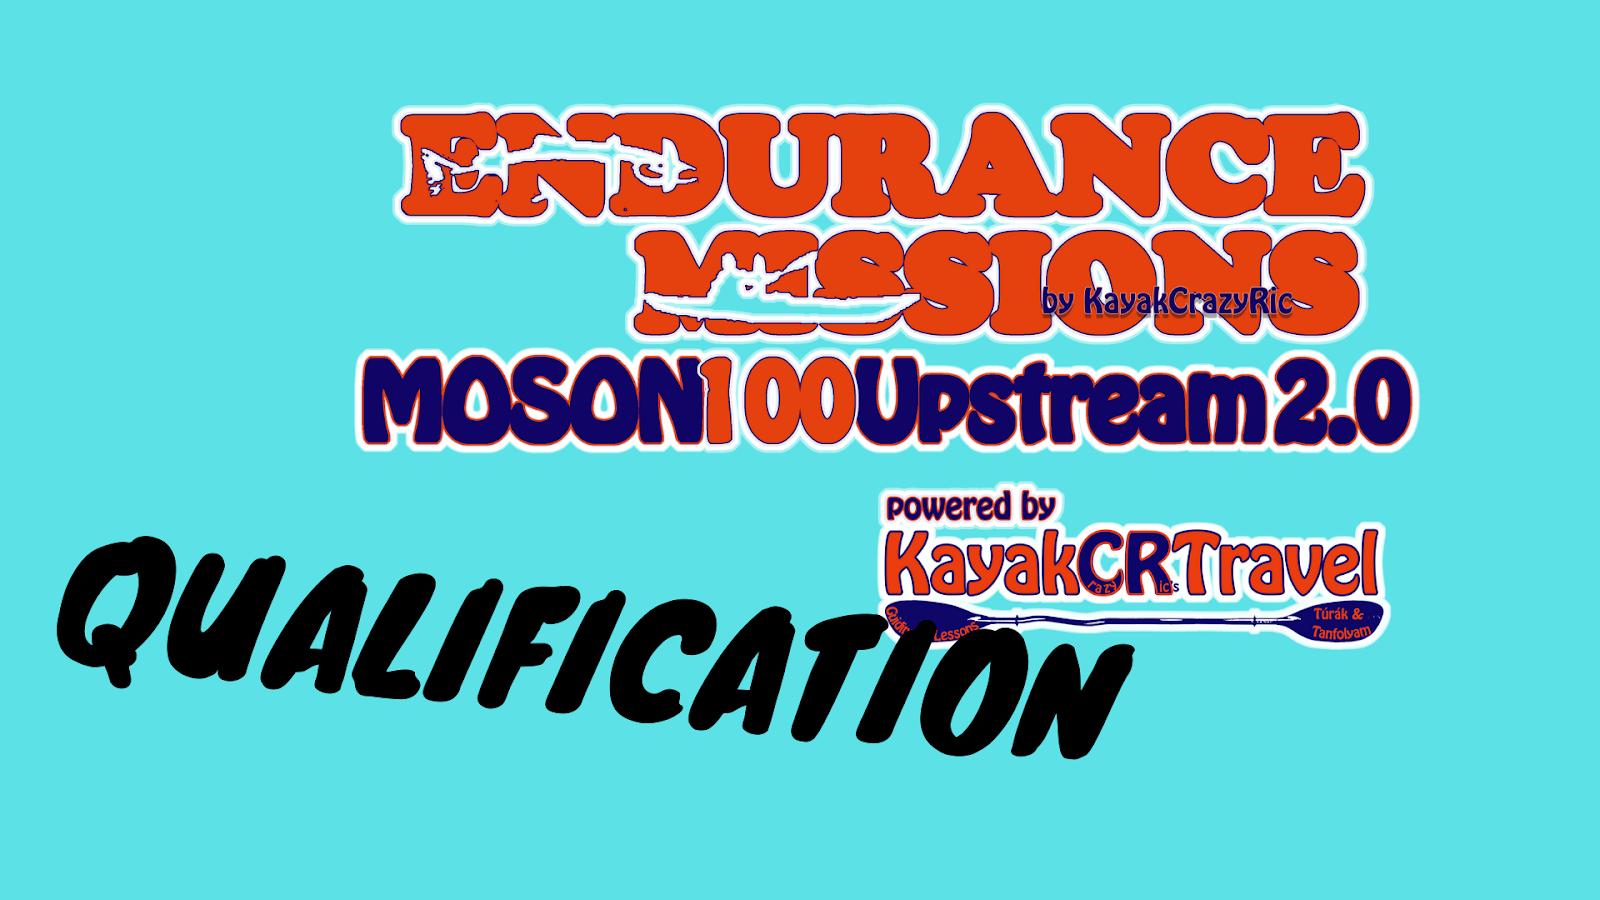 Endurance Mission-Mosoni100Upstream 2.0